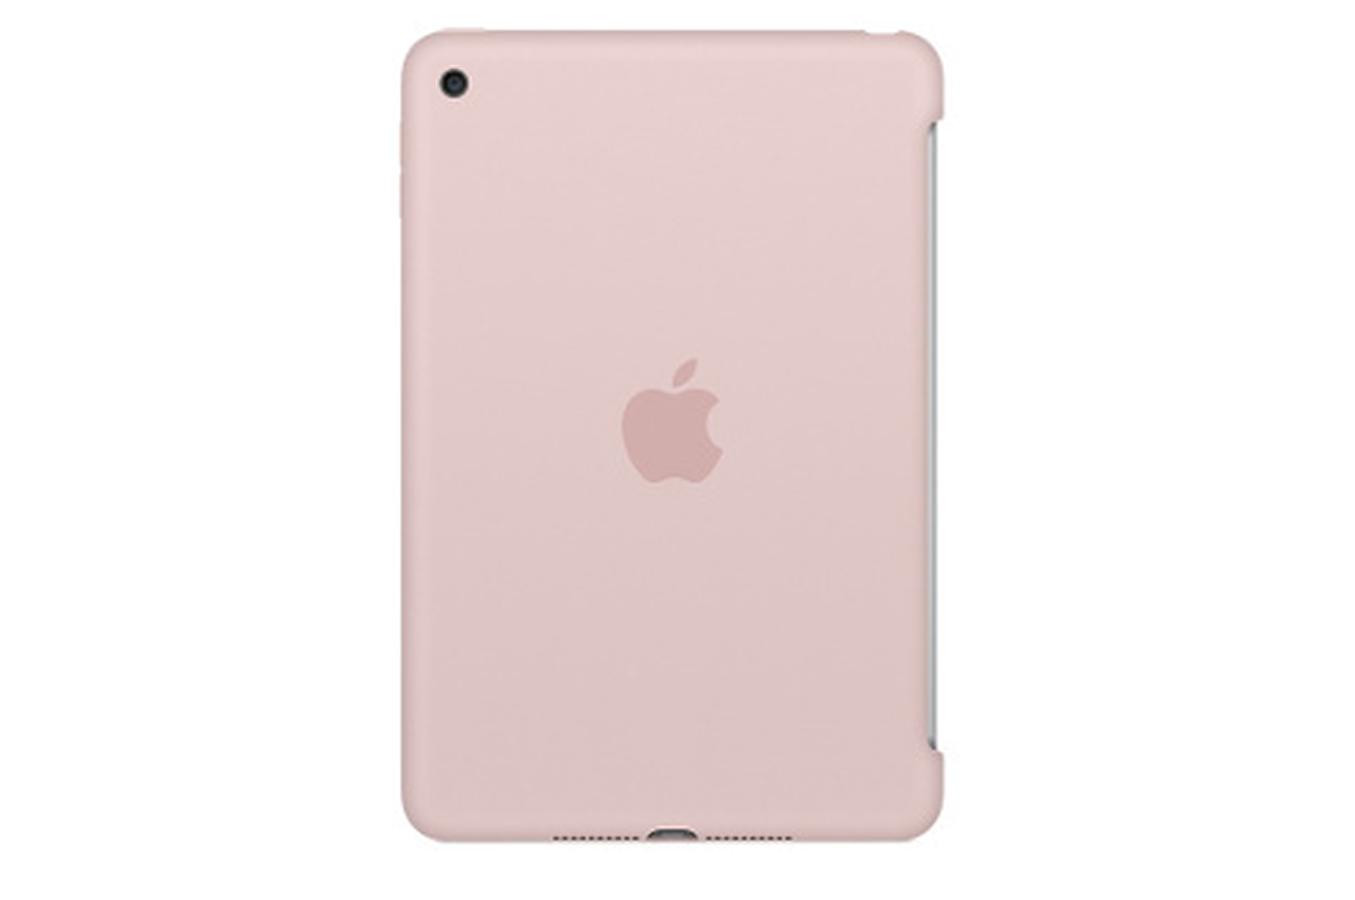 housse et tui pour tablette apple coque en silicone rose des sables pour ipad mini 4 4261402. Black Bedroom Furniture Sets. Home Design Ideas